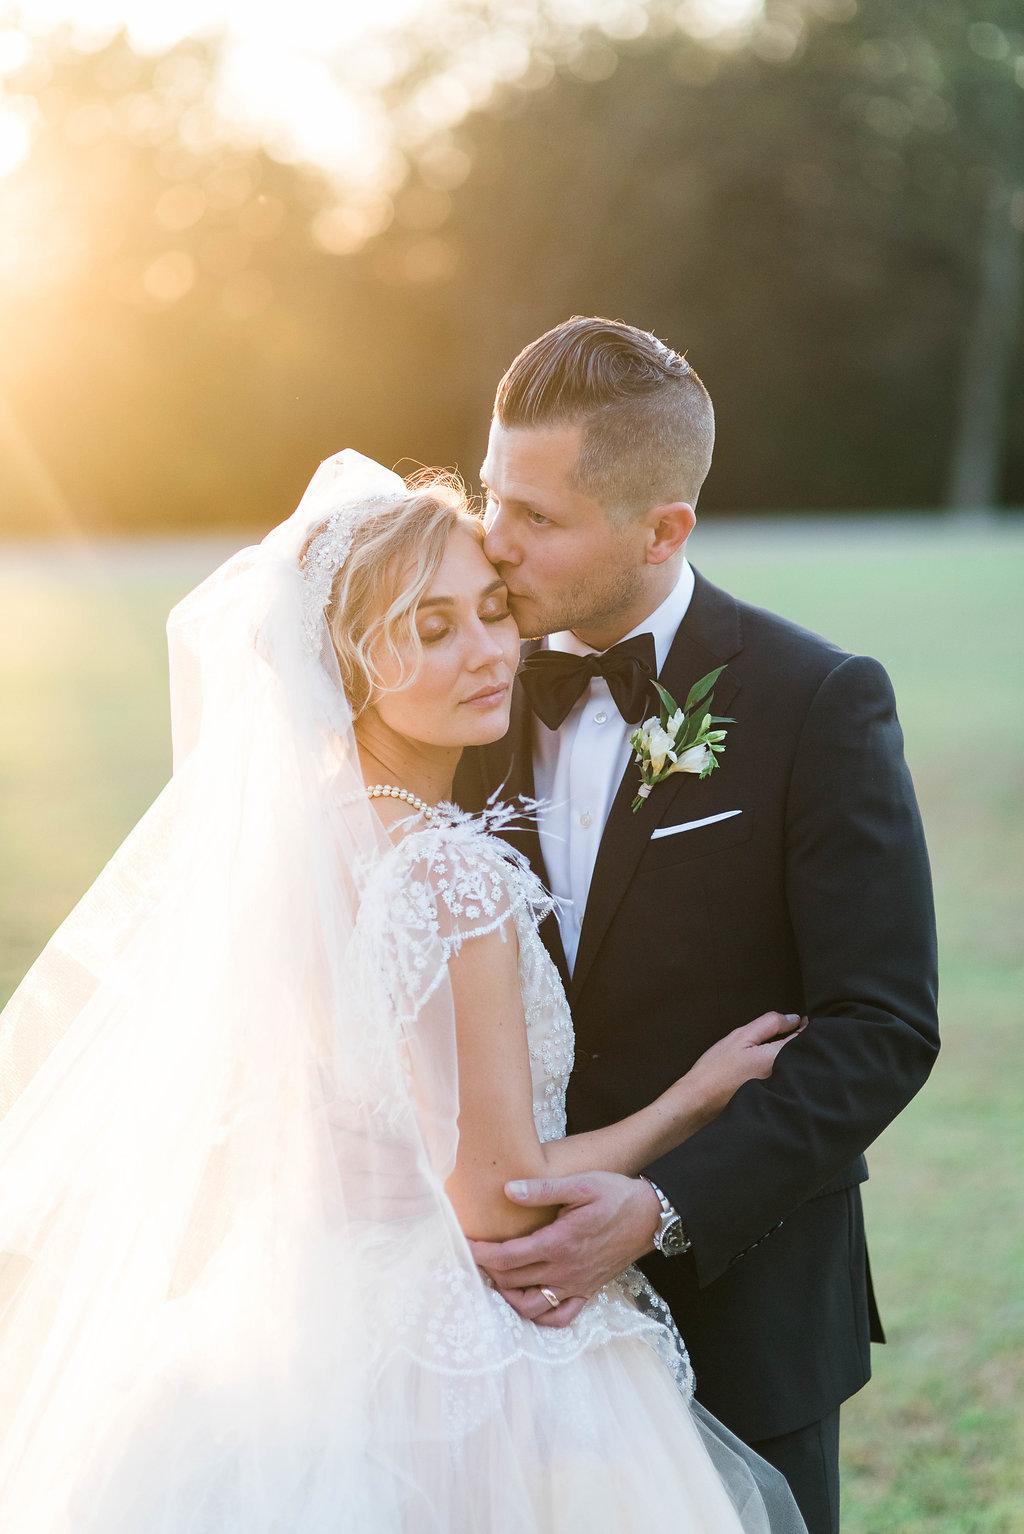 Clare bowen young wedding photos